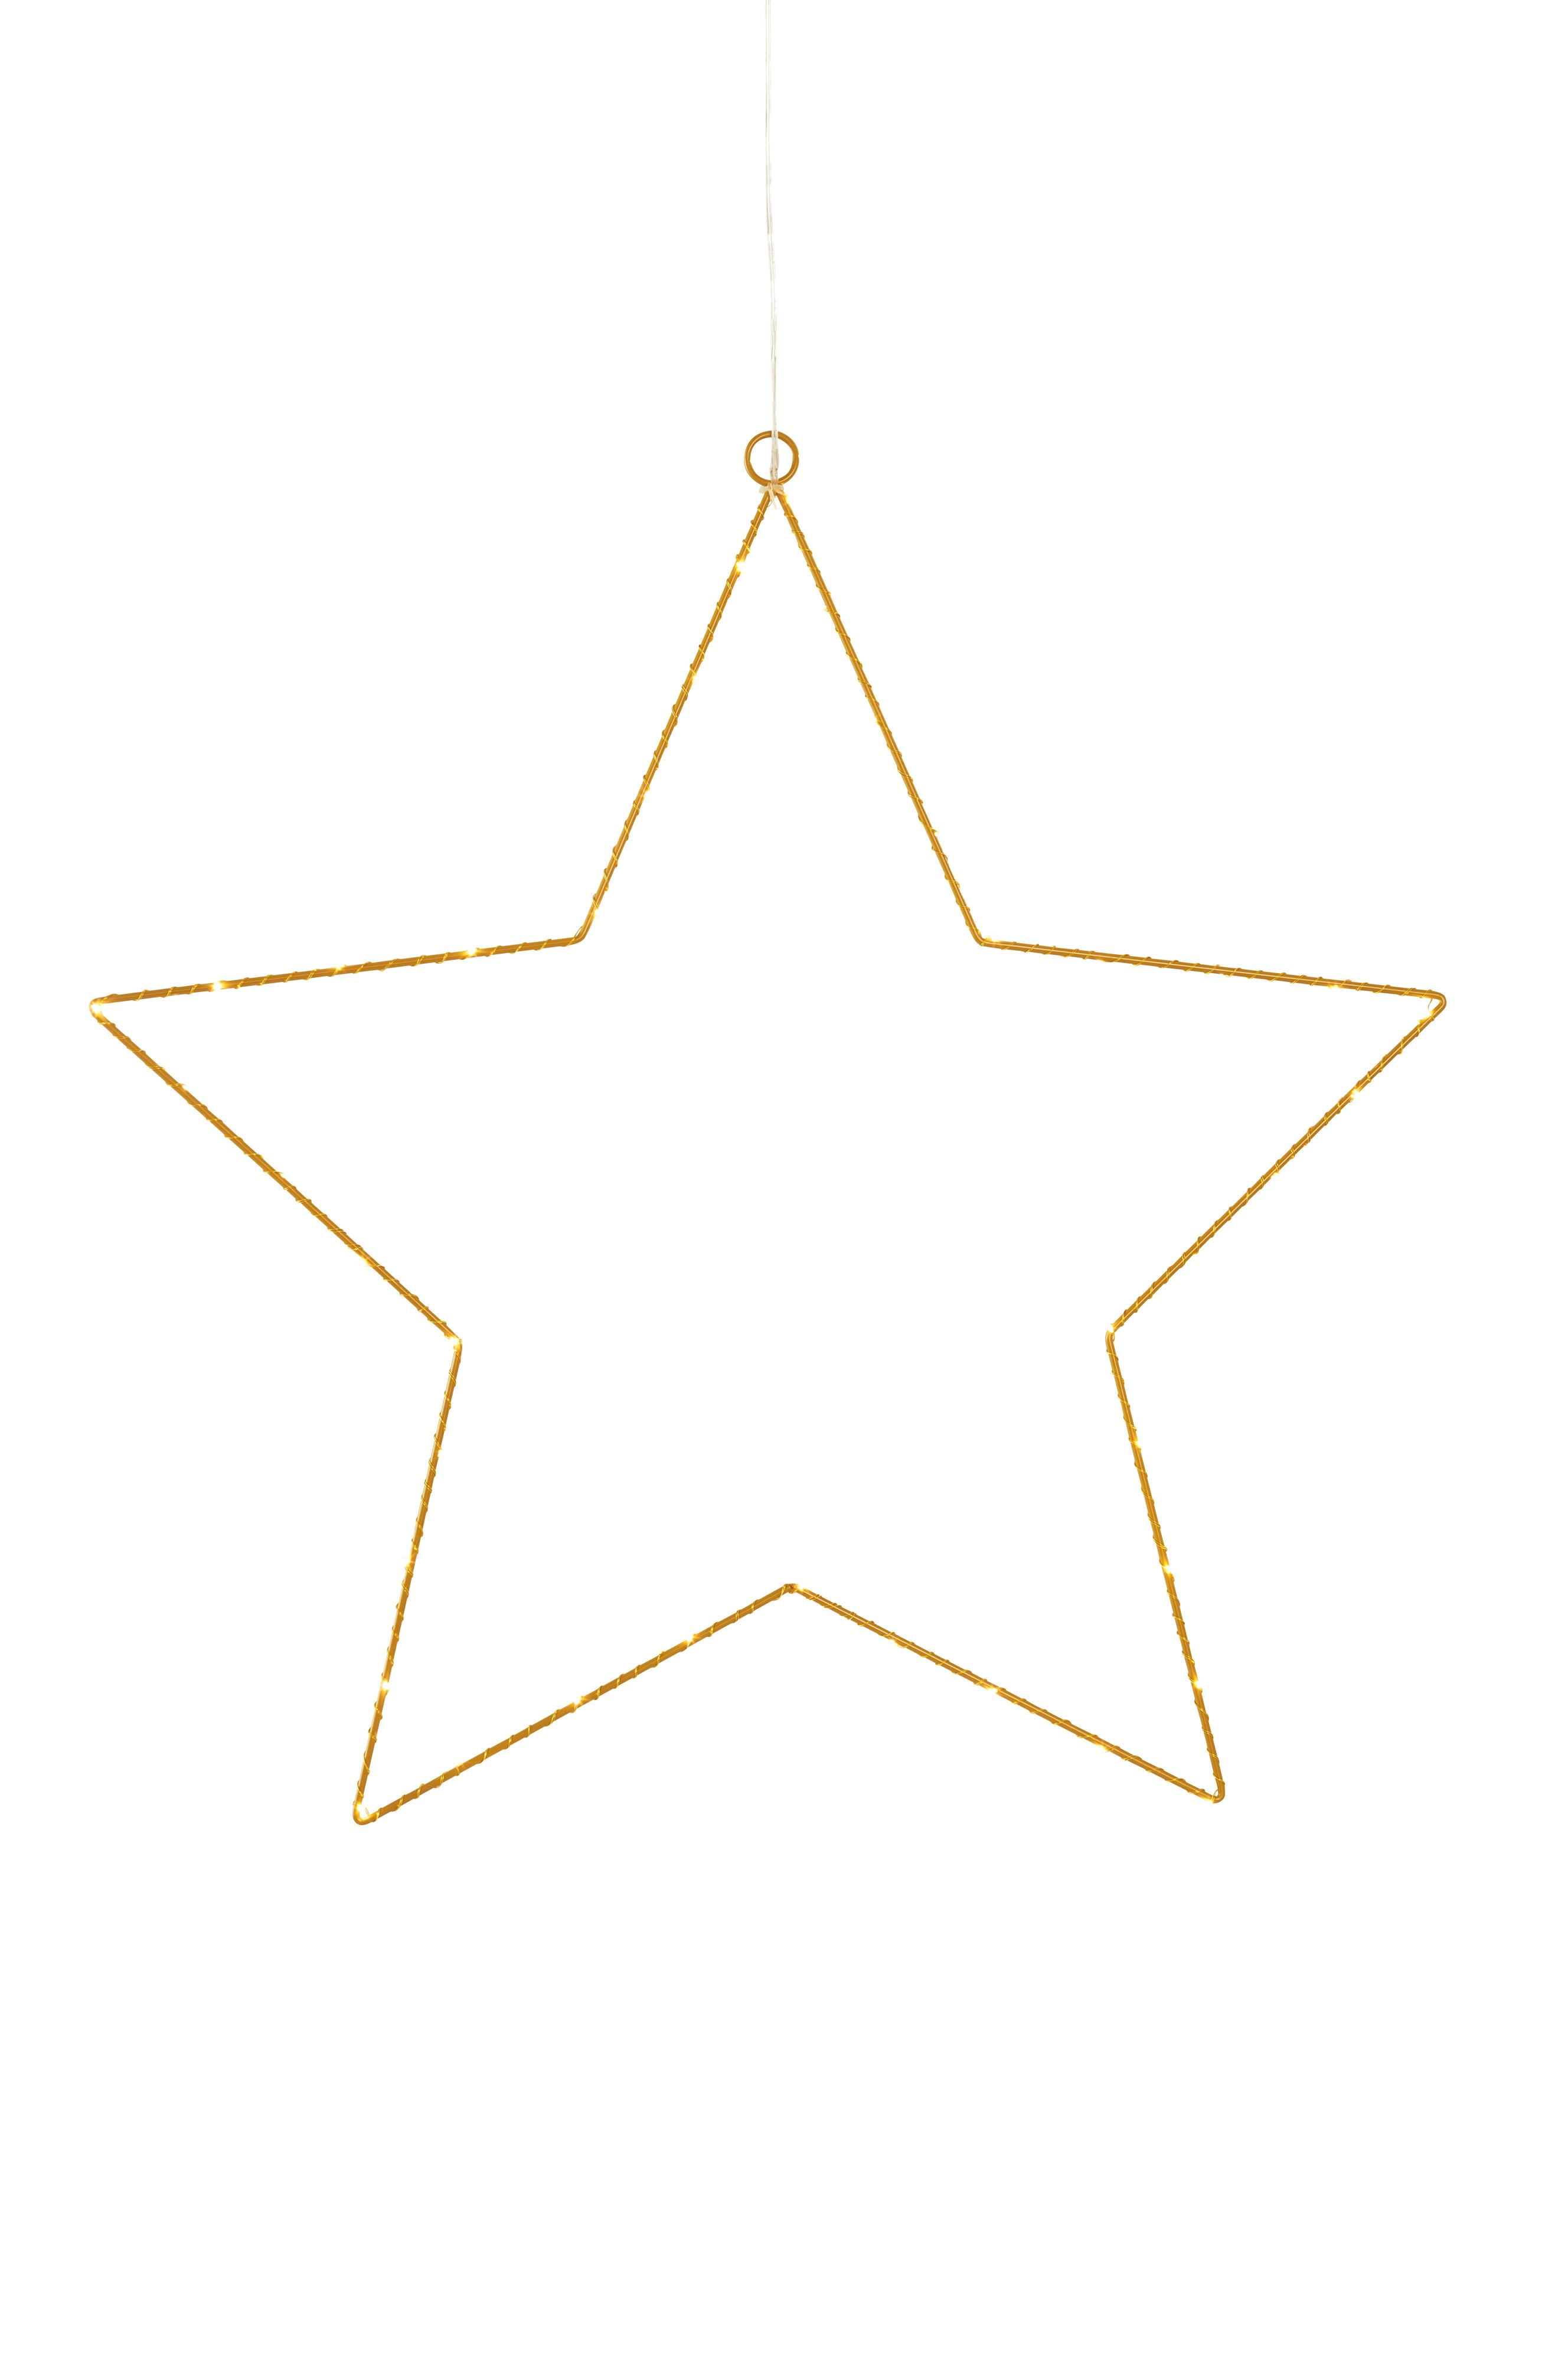 Topnotch META stjerne med LED-lys - stor - Messing - Belysning - Jotex.dk QY-36